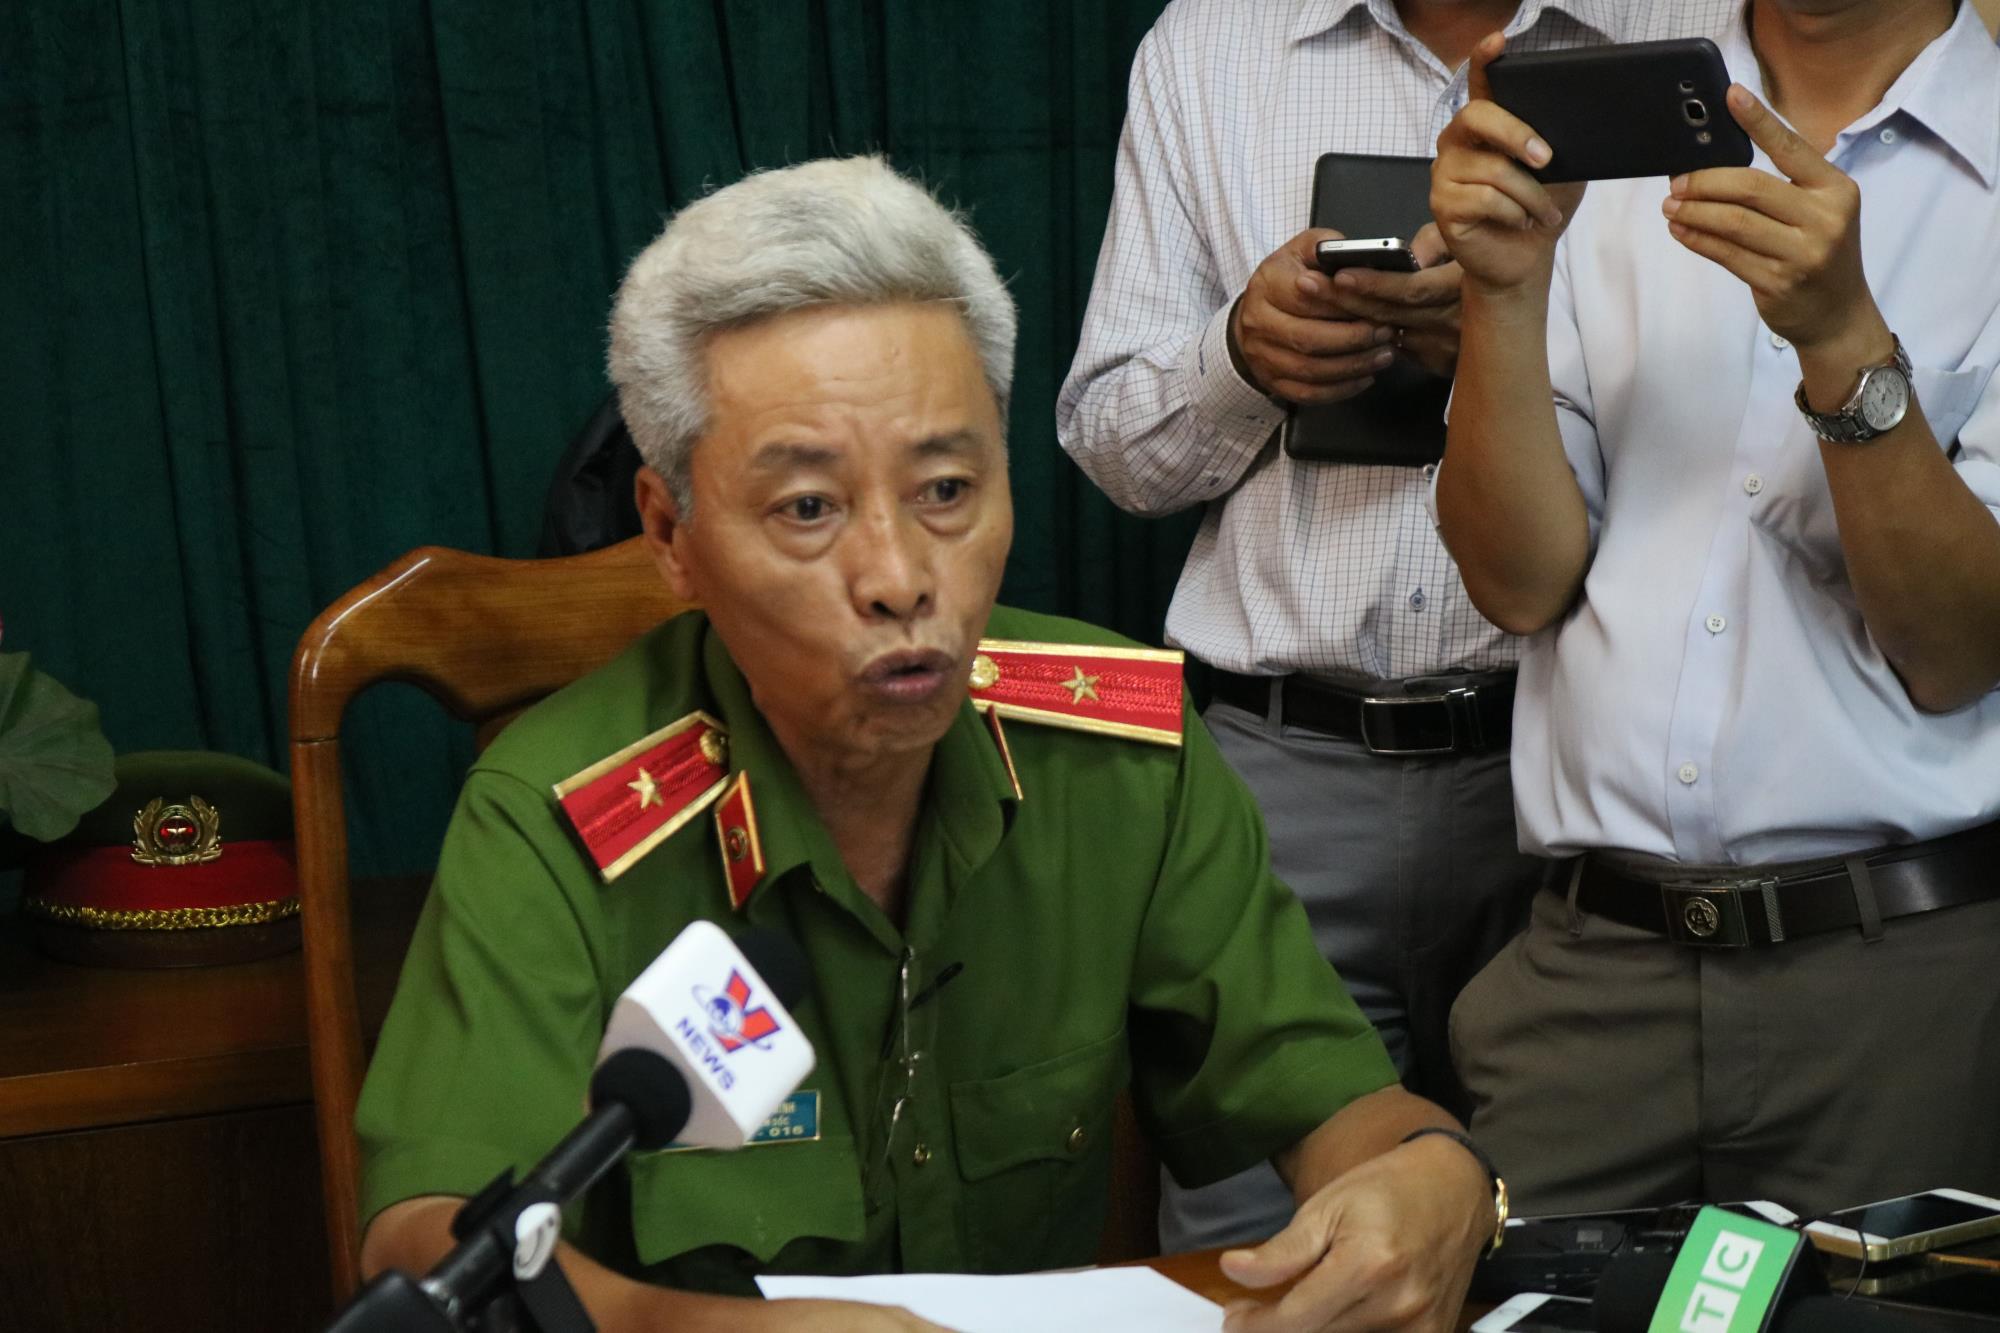 Họp báo vụ 2 hiệp sĩ Sài Gòn bị sát hại: Đã bắt được hai nghi can gây án  - Ảnh 2